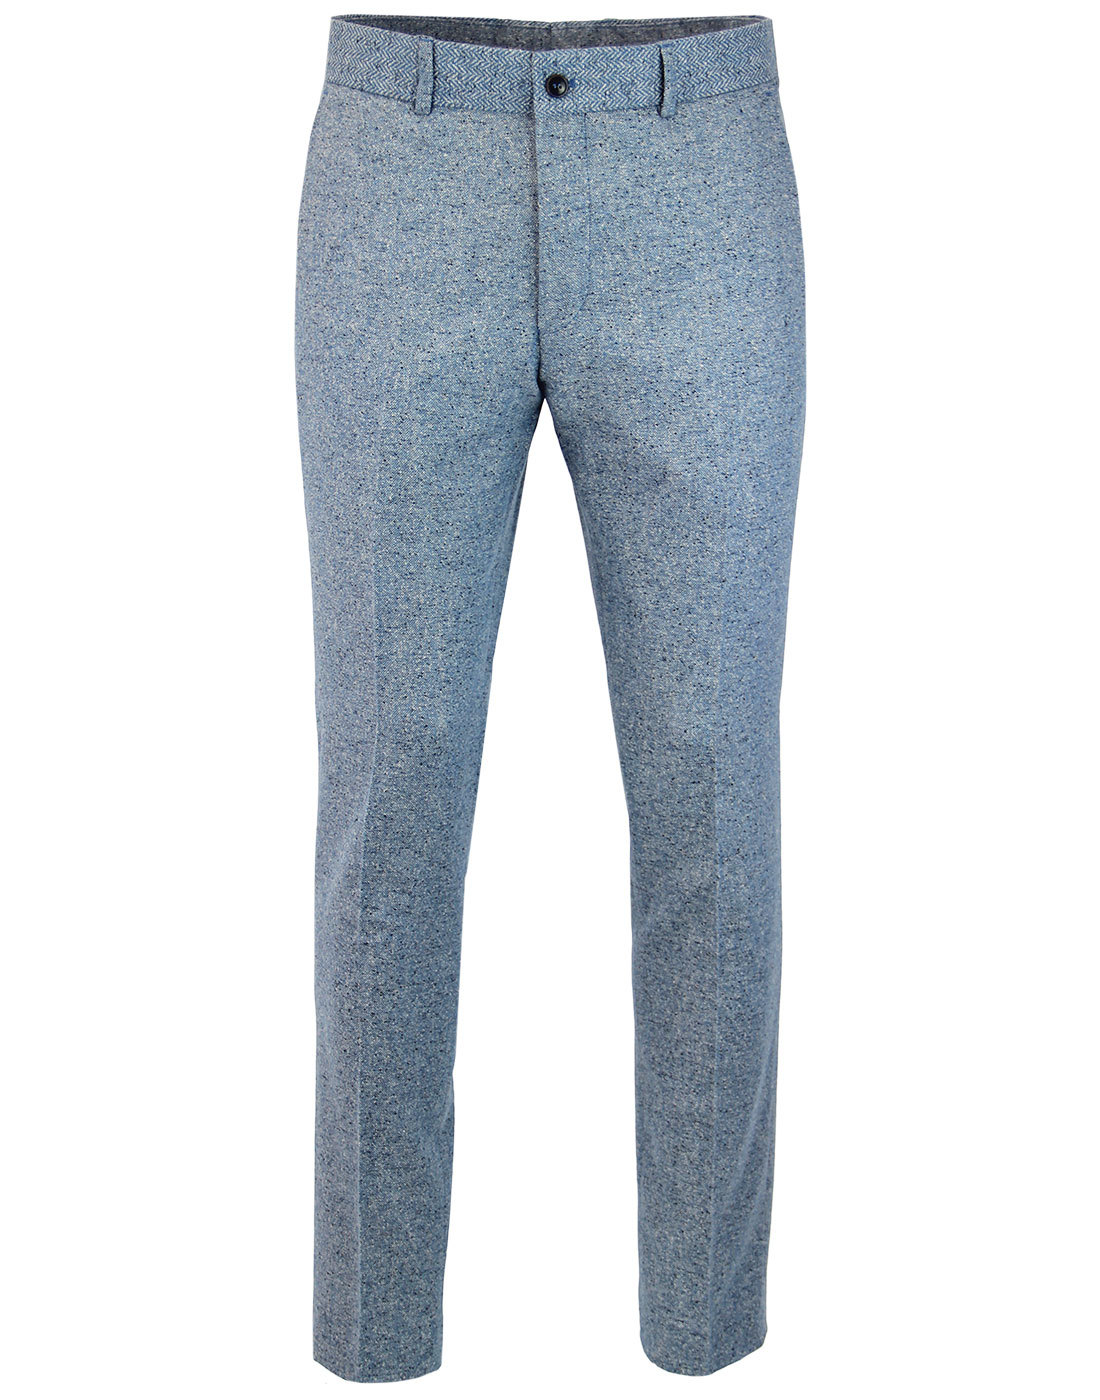 GIBSON LONDON Mod Herringbone Donegal Trousers (B)